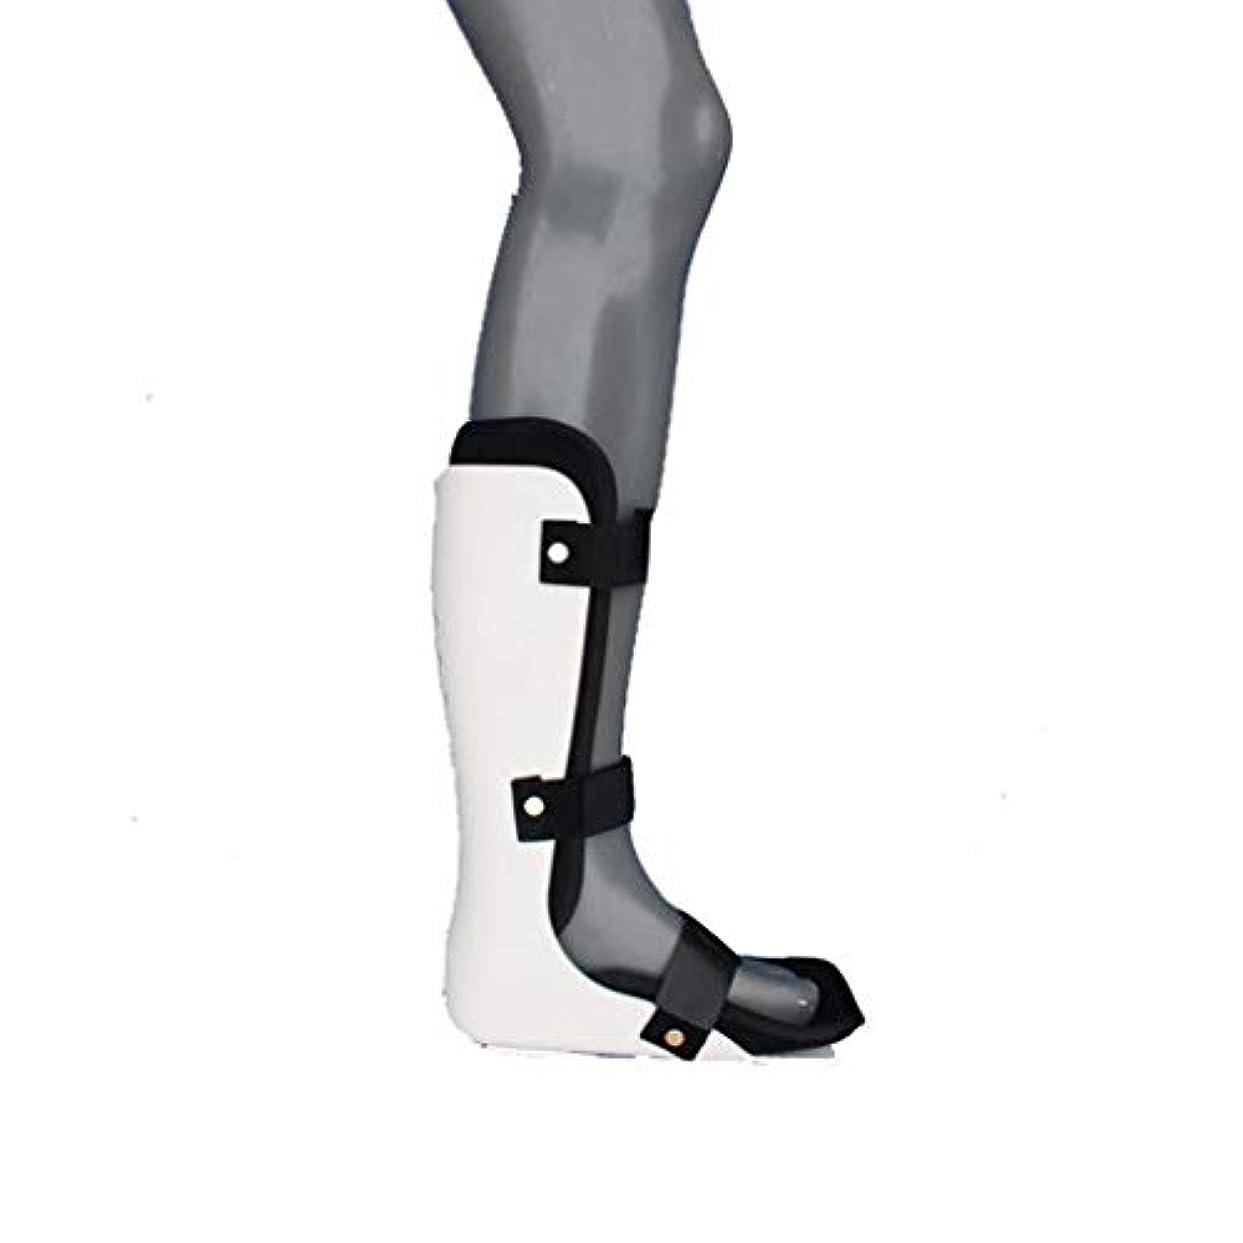 エイリアン相談農業Foot Splint Ankle、Corrector Foot Drop Posture Night Sleep Foot Supportは、足底筋膜炎の安定化の症状を緩和するのに役立ちます (Color : B, Size...